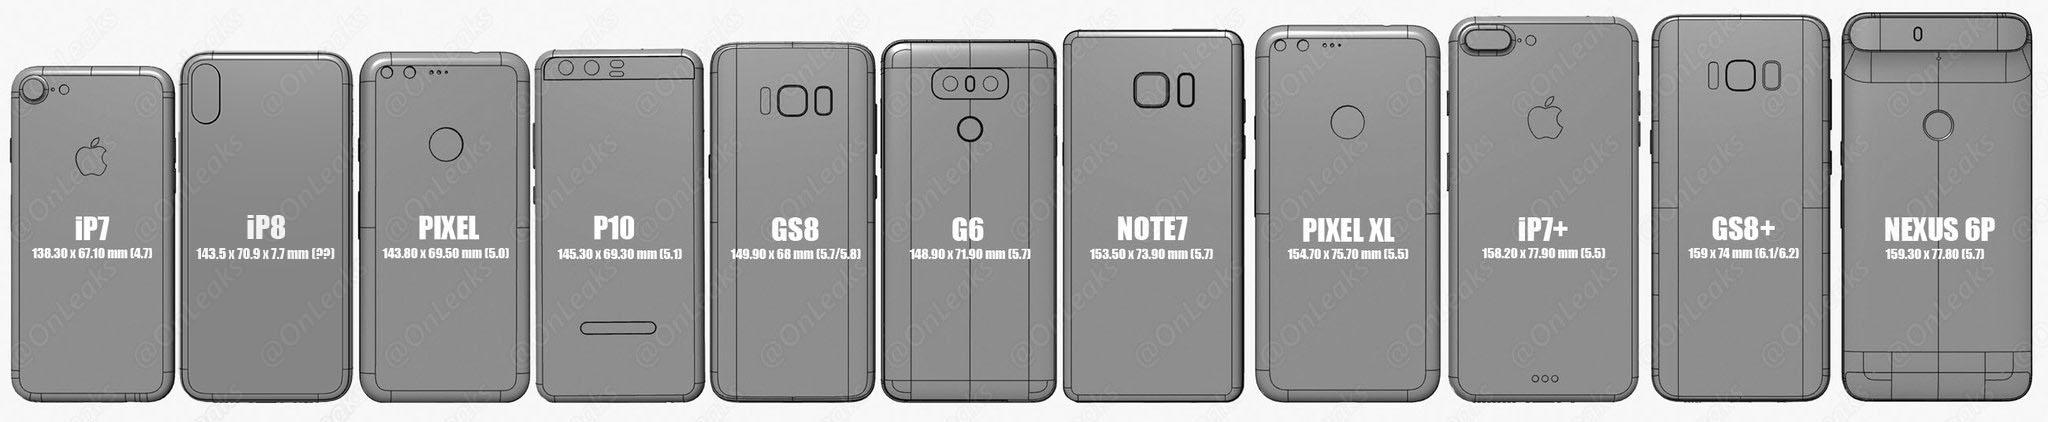 iPhone 8 Galaxy S8 Huawei P10 Google Pixel